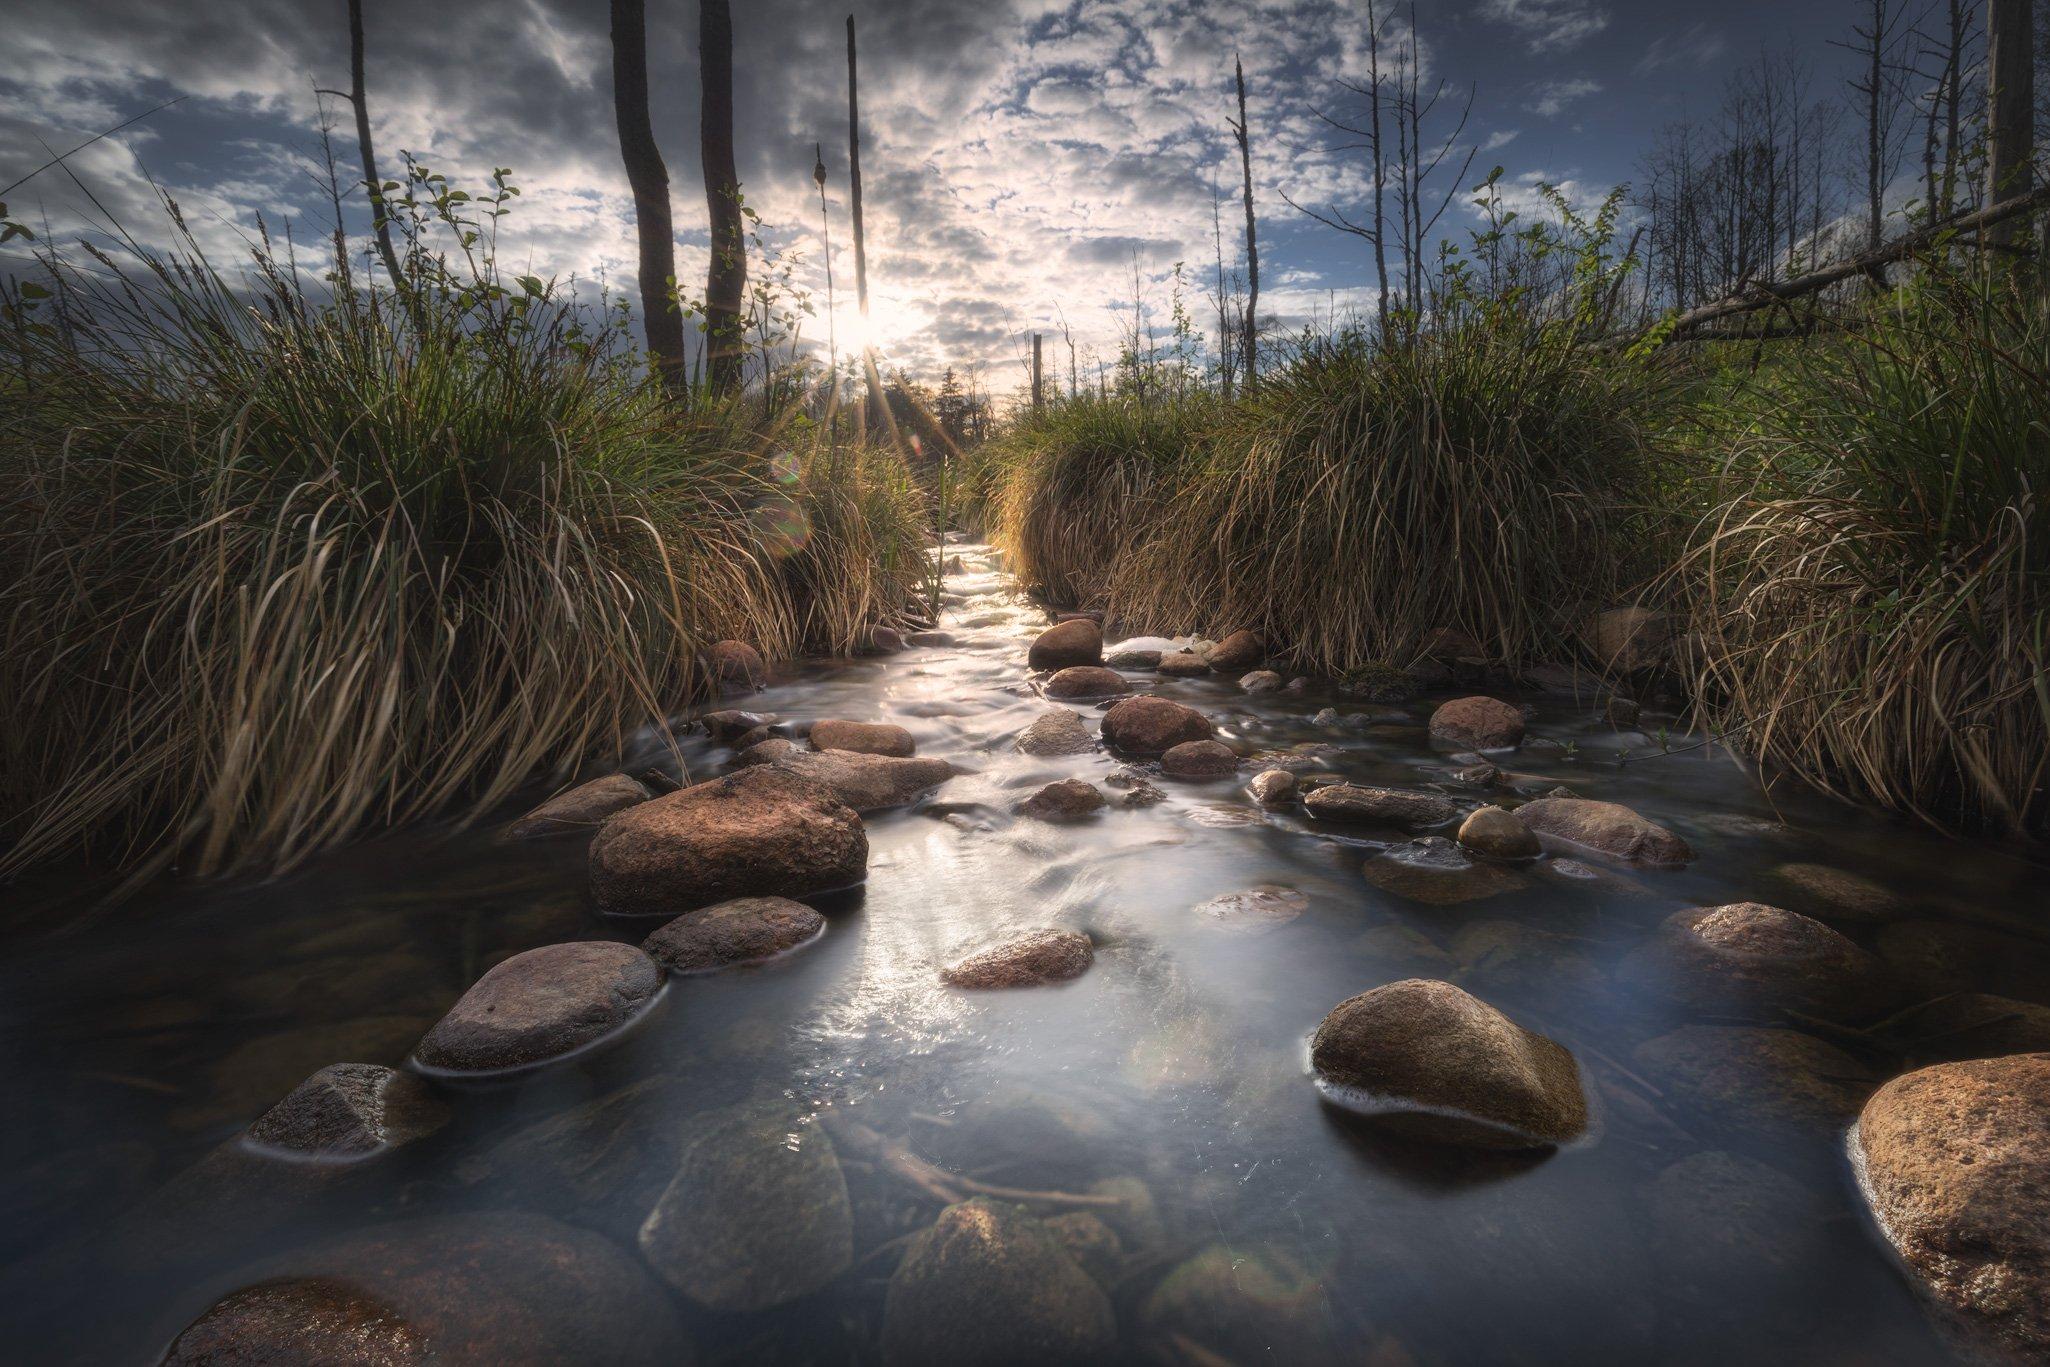 creek water river stones trees swamp grass Podlasie Poland, Maciej Warchoł